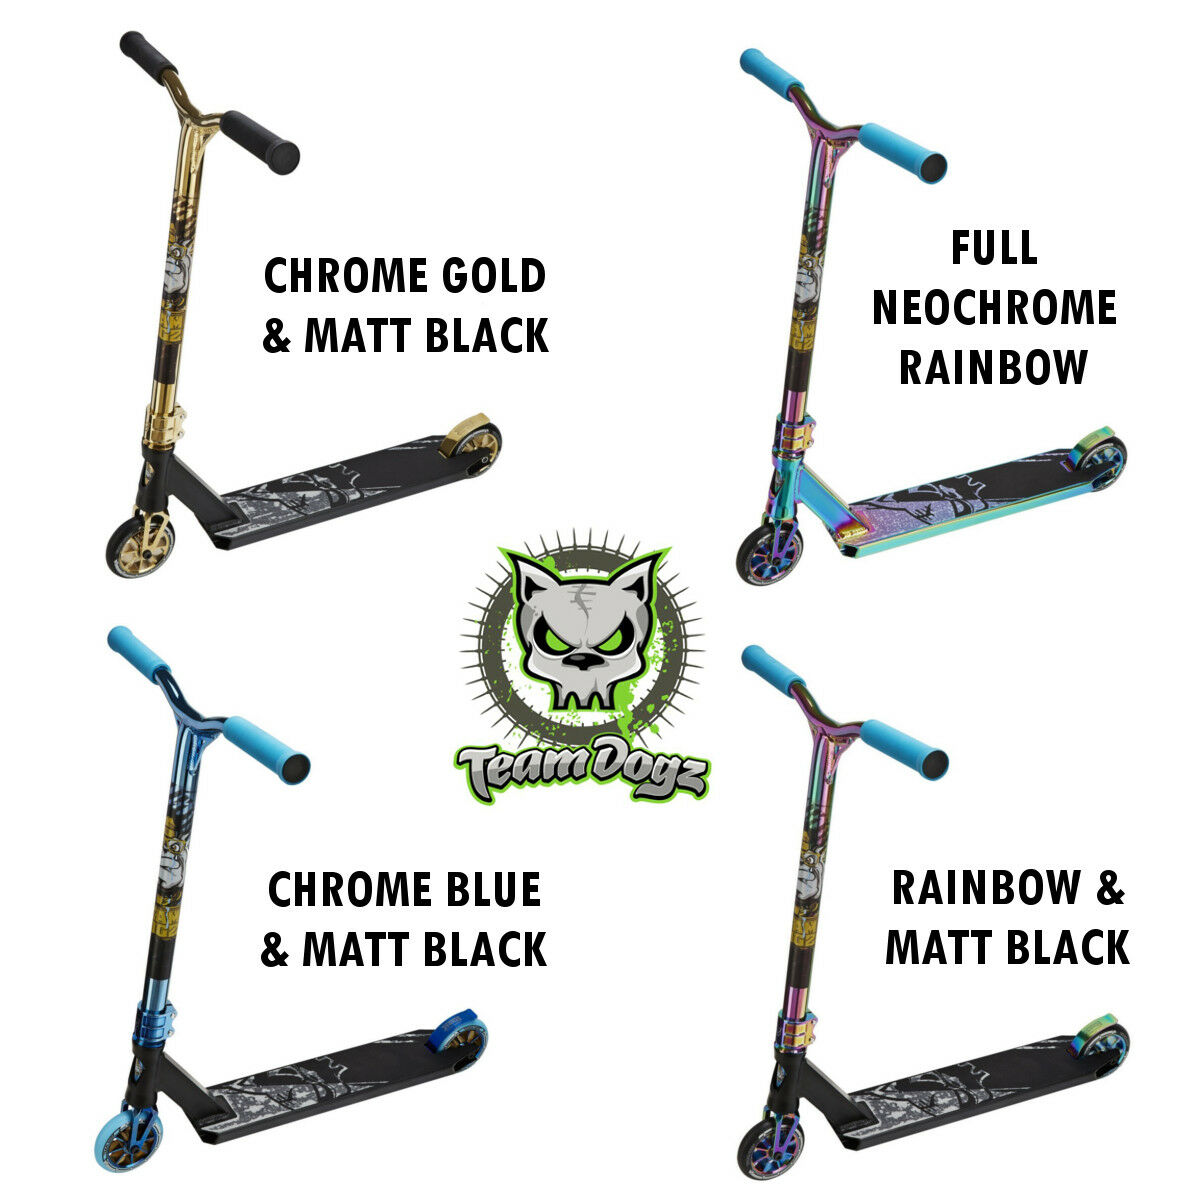 Team Dogz pro X Ultimativ Regenbogen Neochrome Blau Stunt Kinder Kinder Kinder Tretroller Kind 801977